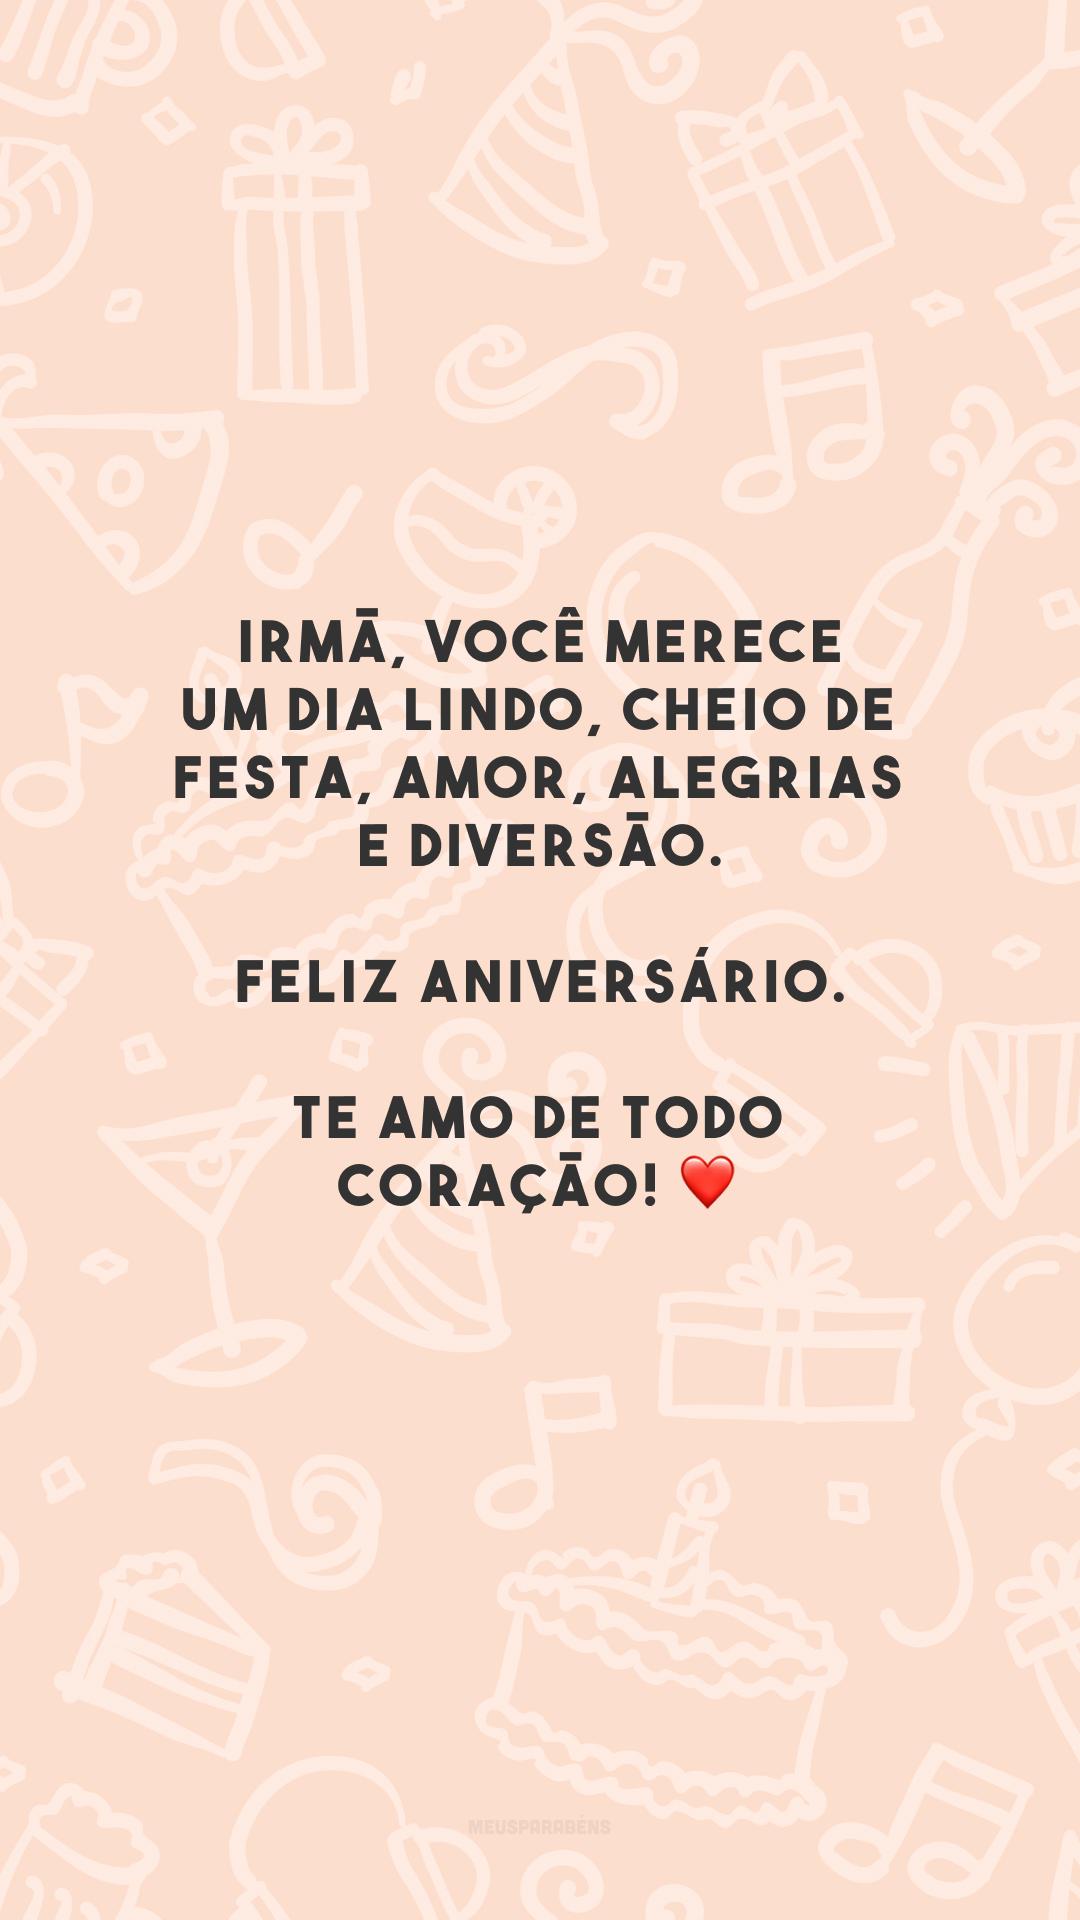 Irmã, você merece um dia lindo, cheio de festa, amor, alegrias e diversão. Feliz aniversário. Te amo de todo coração! ❤️